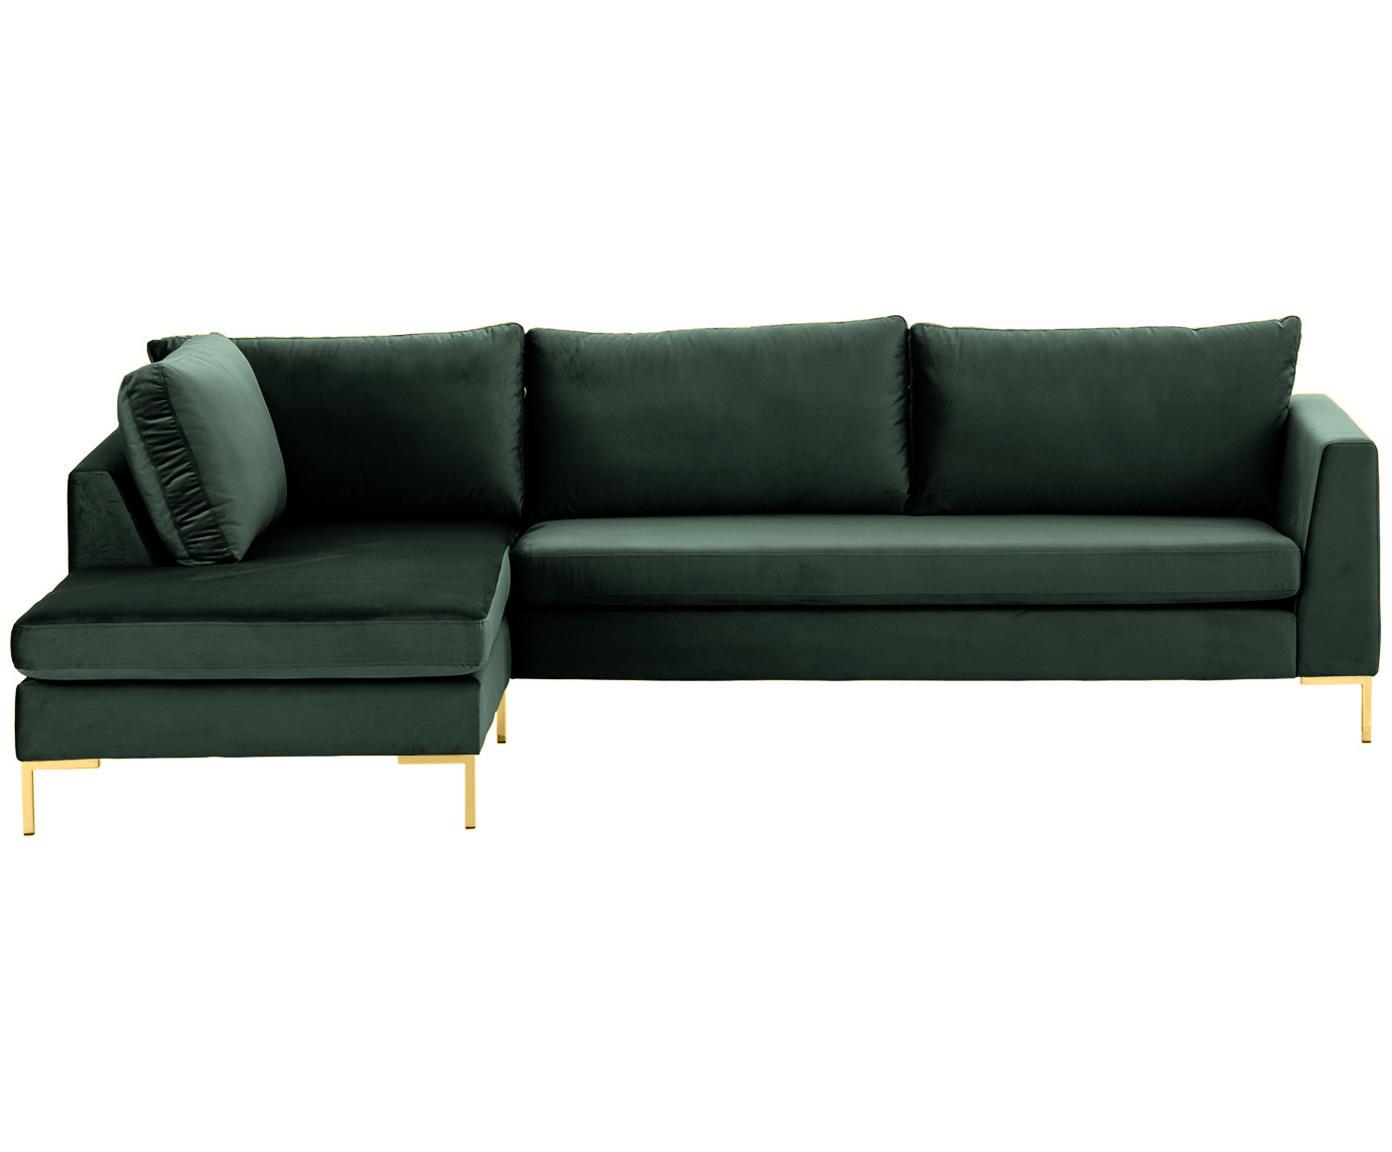 Sofa narożna z aksamitu Luna, Tapicerka: aksamit (100% poliester) , Stelaż: lite drewno bukowe, Nogi: metal galwanizowany, Aksamitny ciemny zielony, złoty, S 280 x G 184 cm